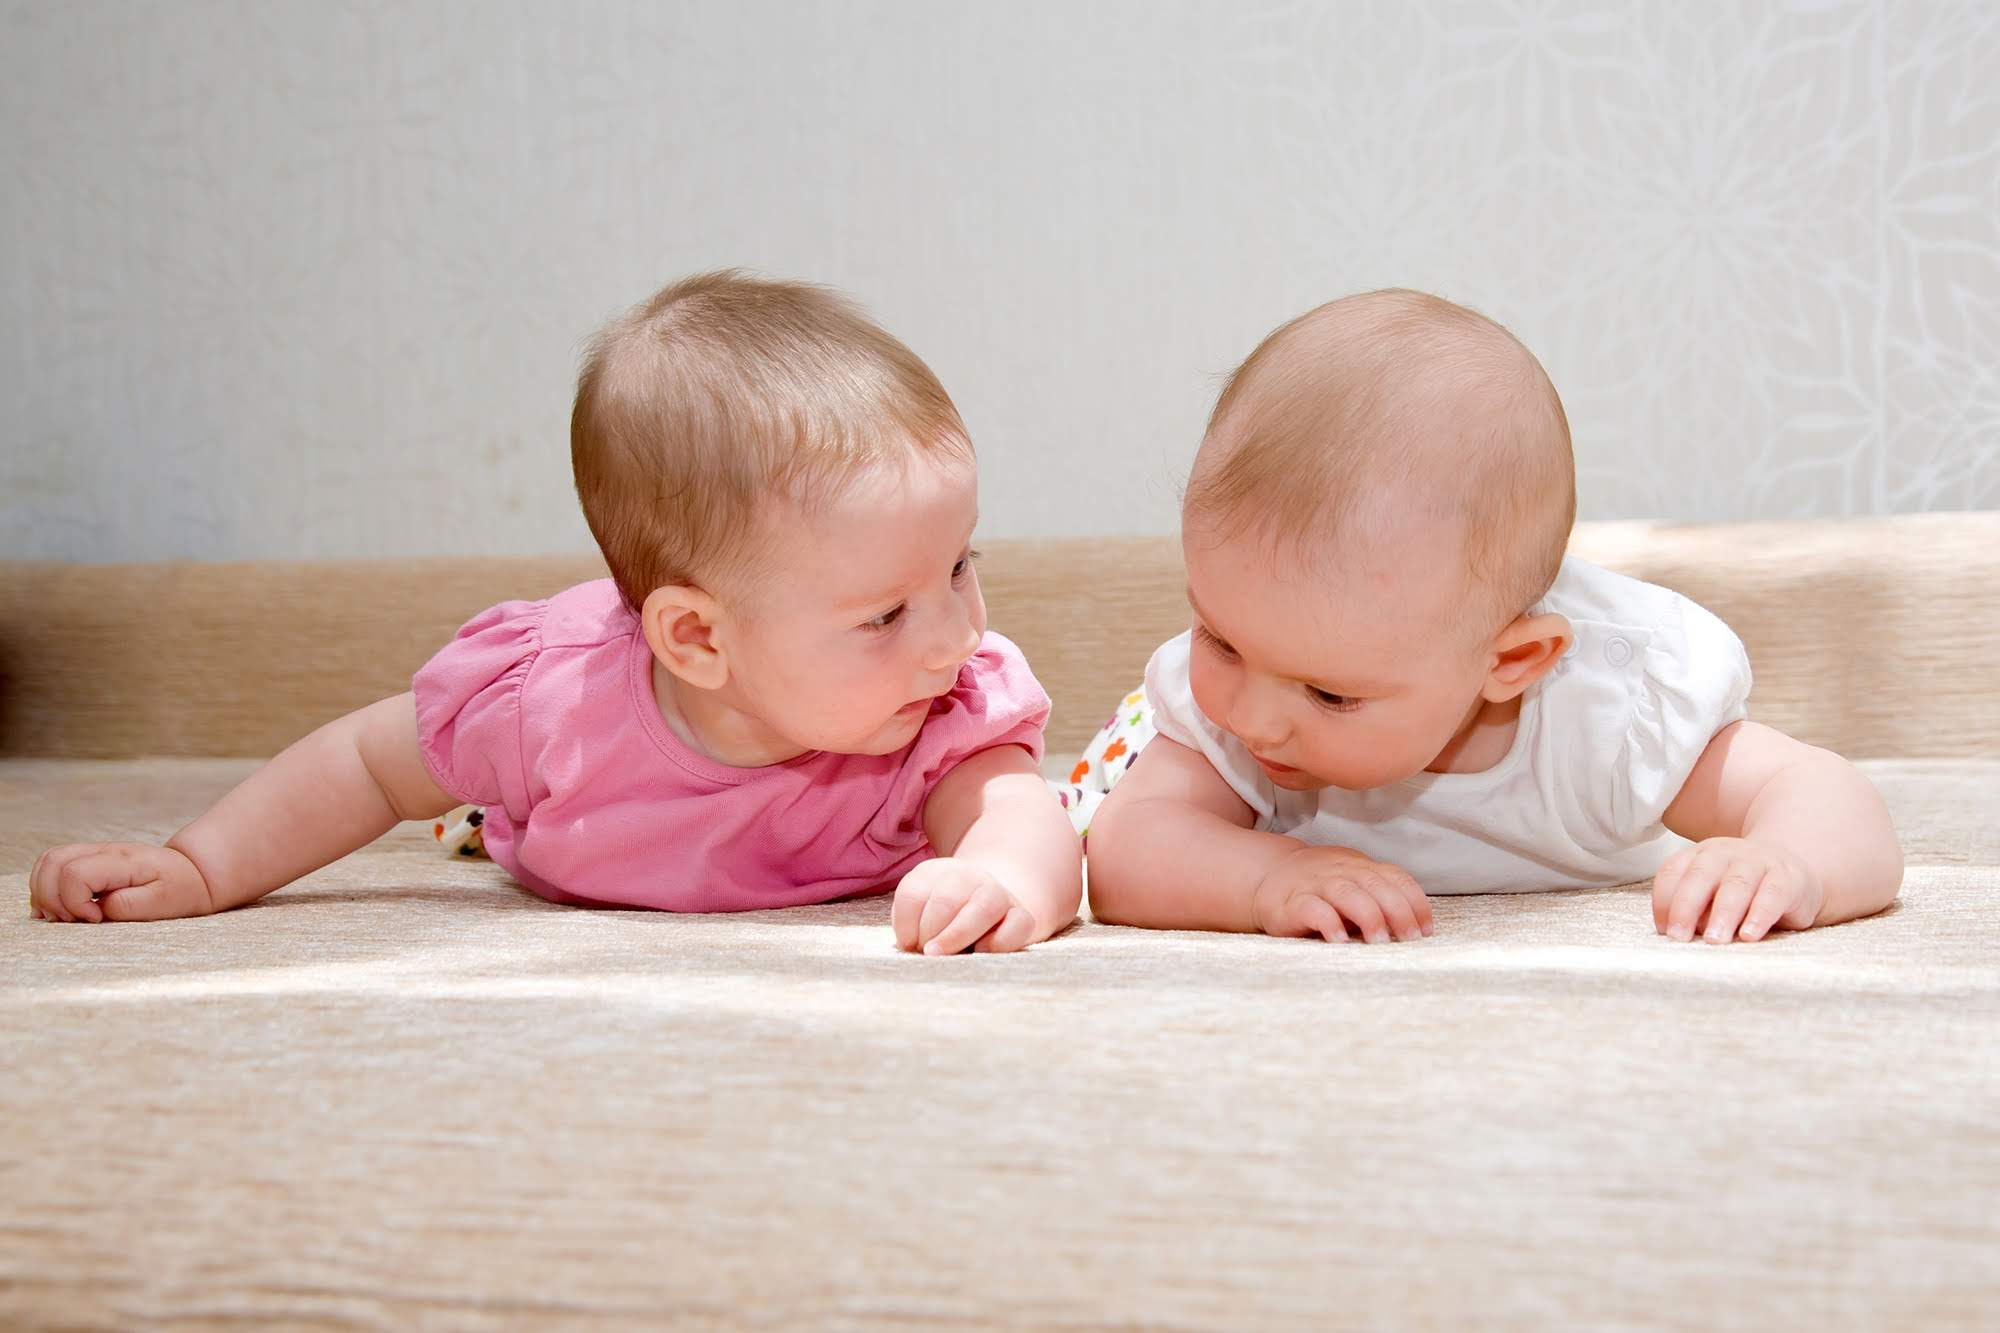 赤ちゃん2人